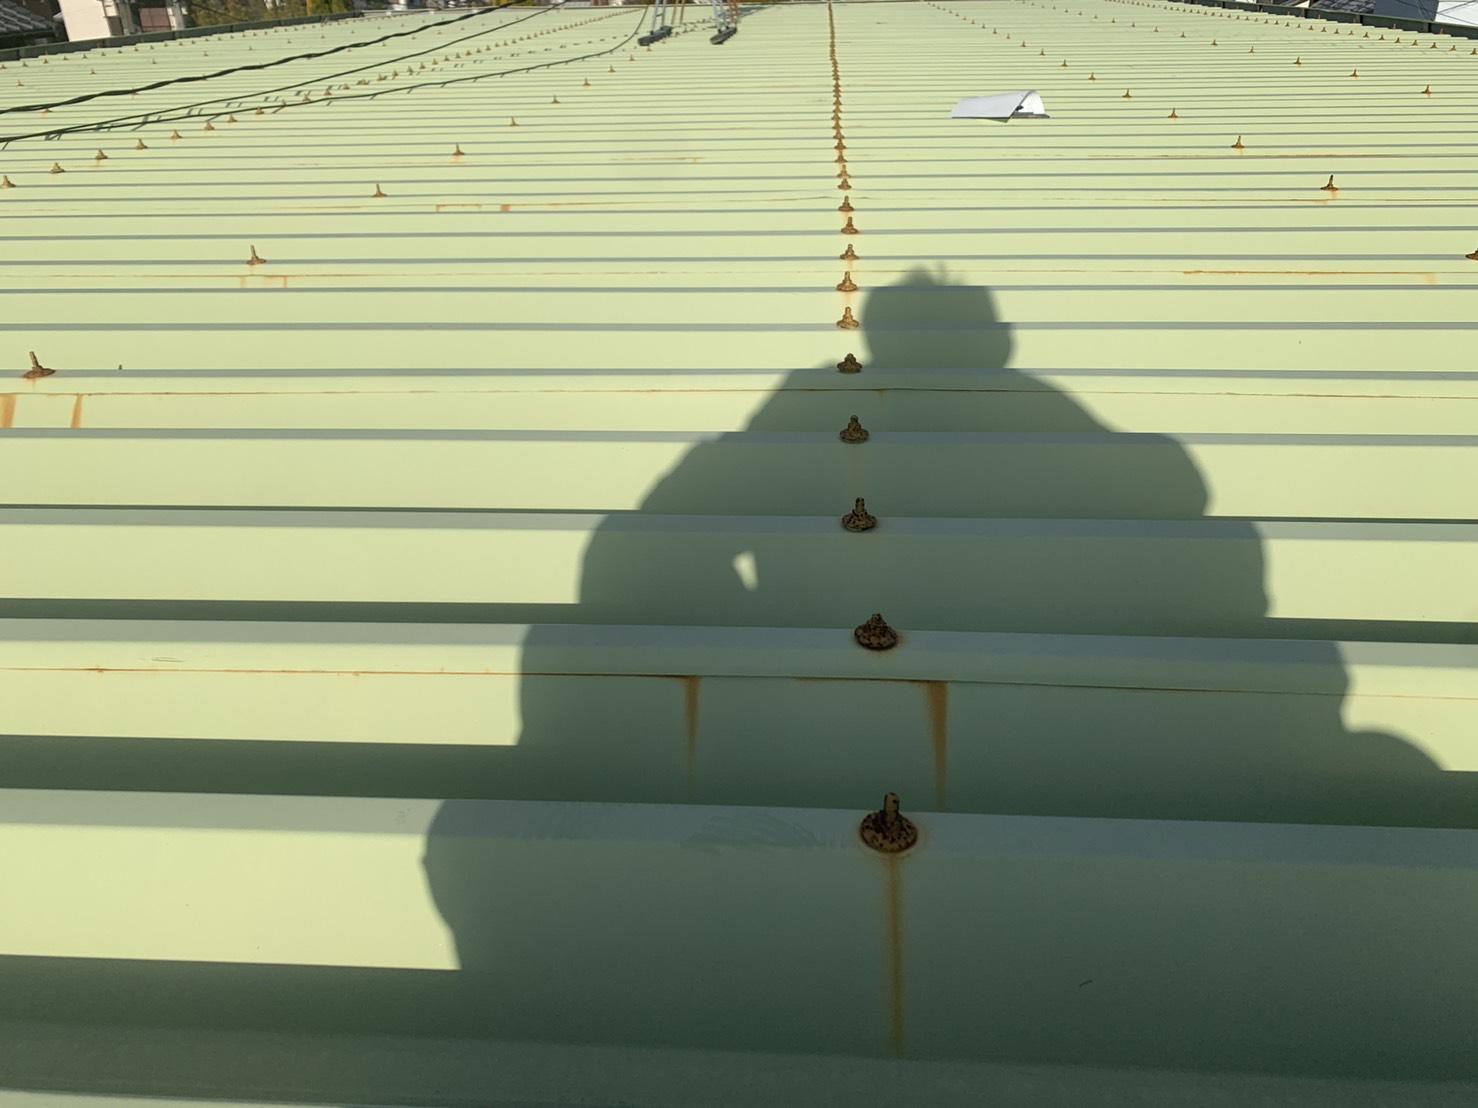 明石市での屋根診断で錆び付いた屋根のボルトの様子